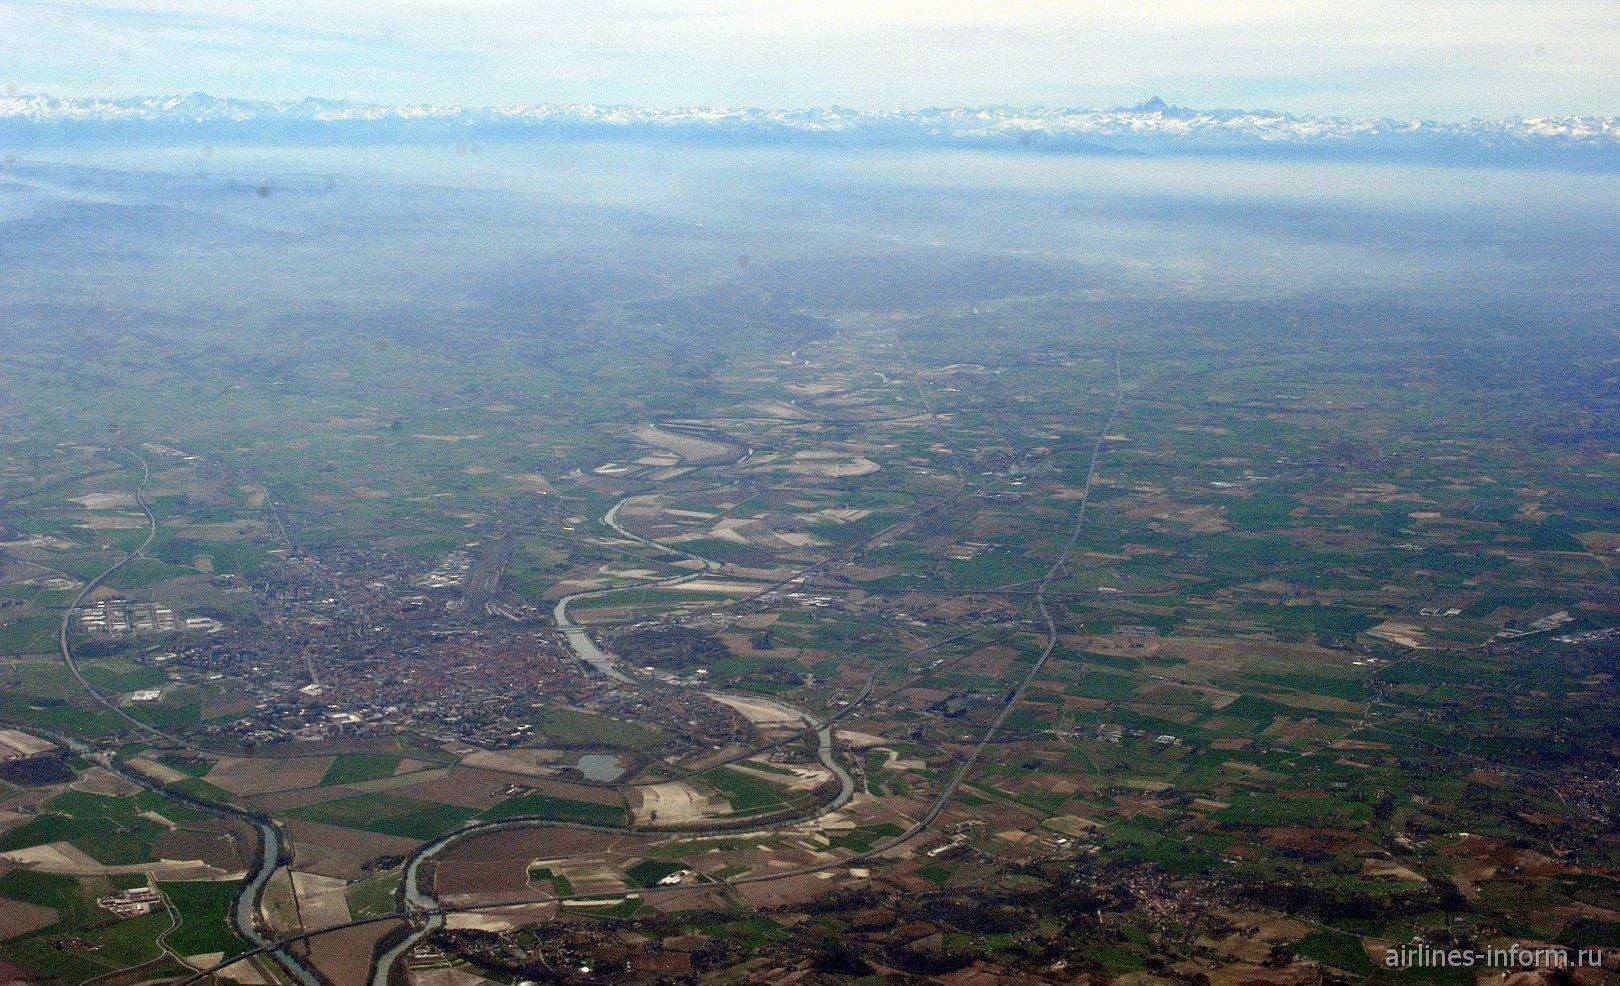 Долина реки Танаро на севере Италии. Вдали Альпы и гора Монте-Визо.